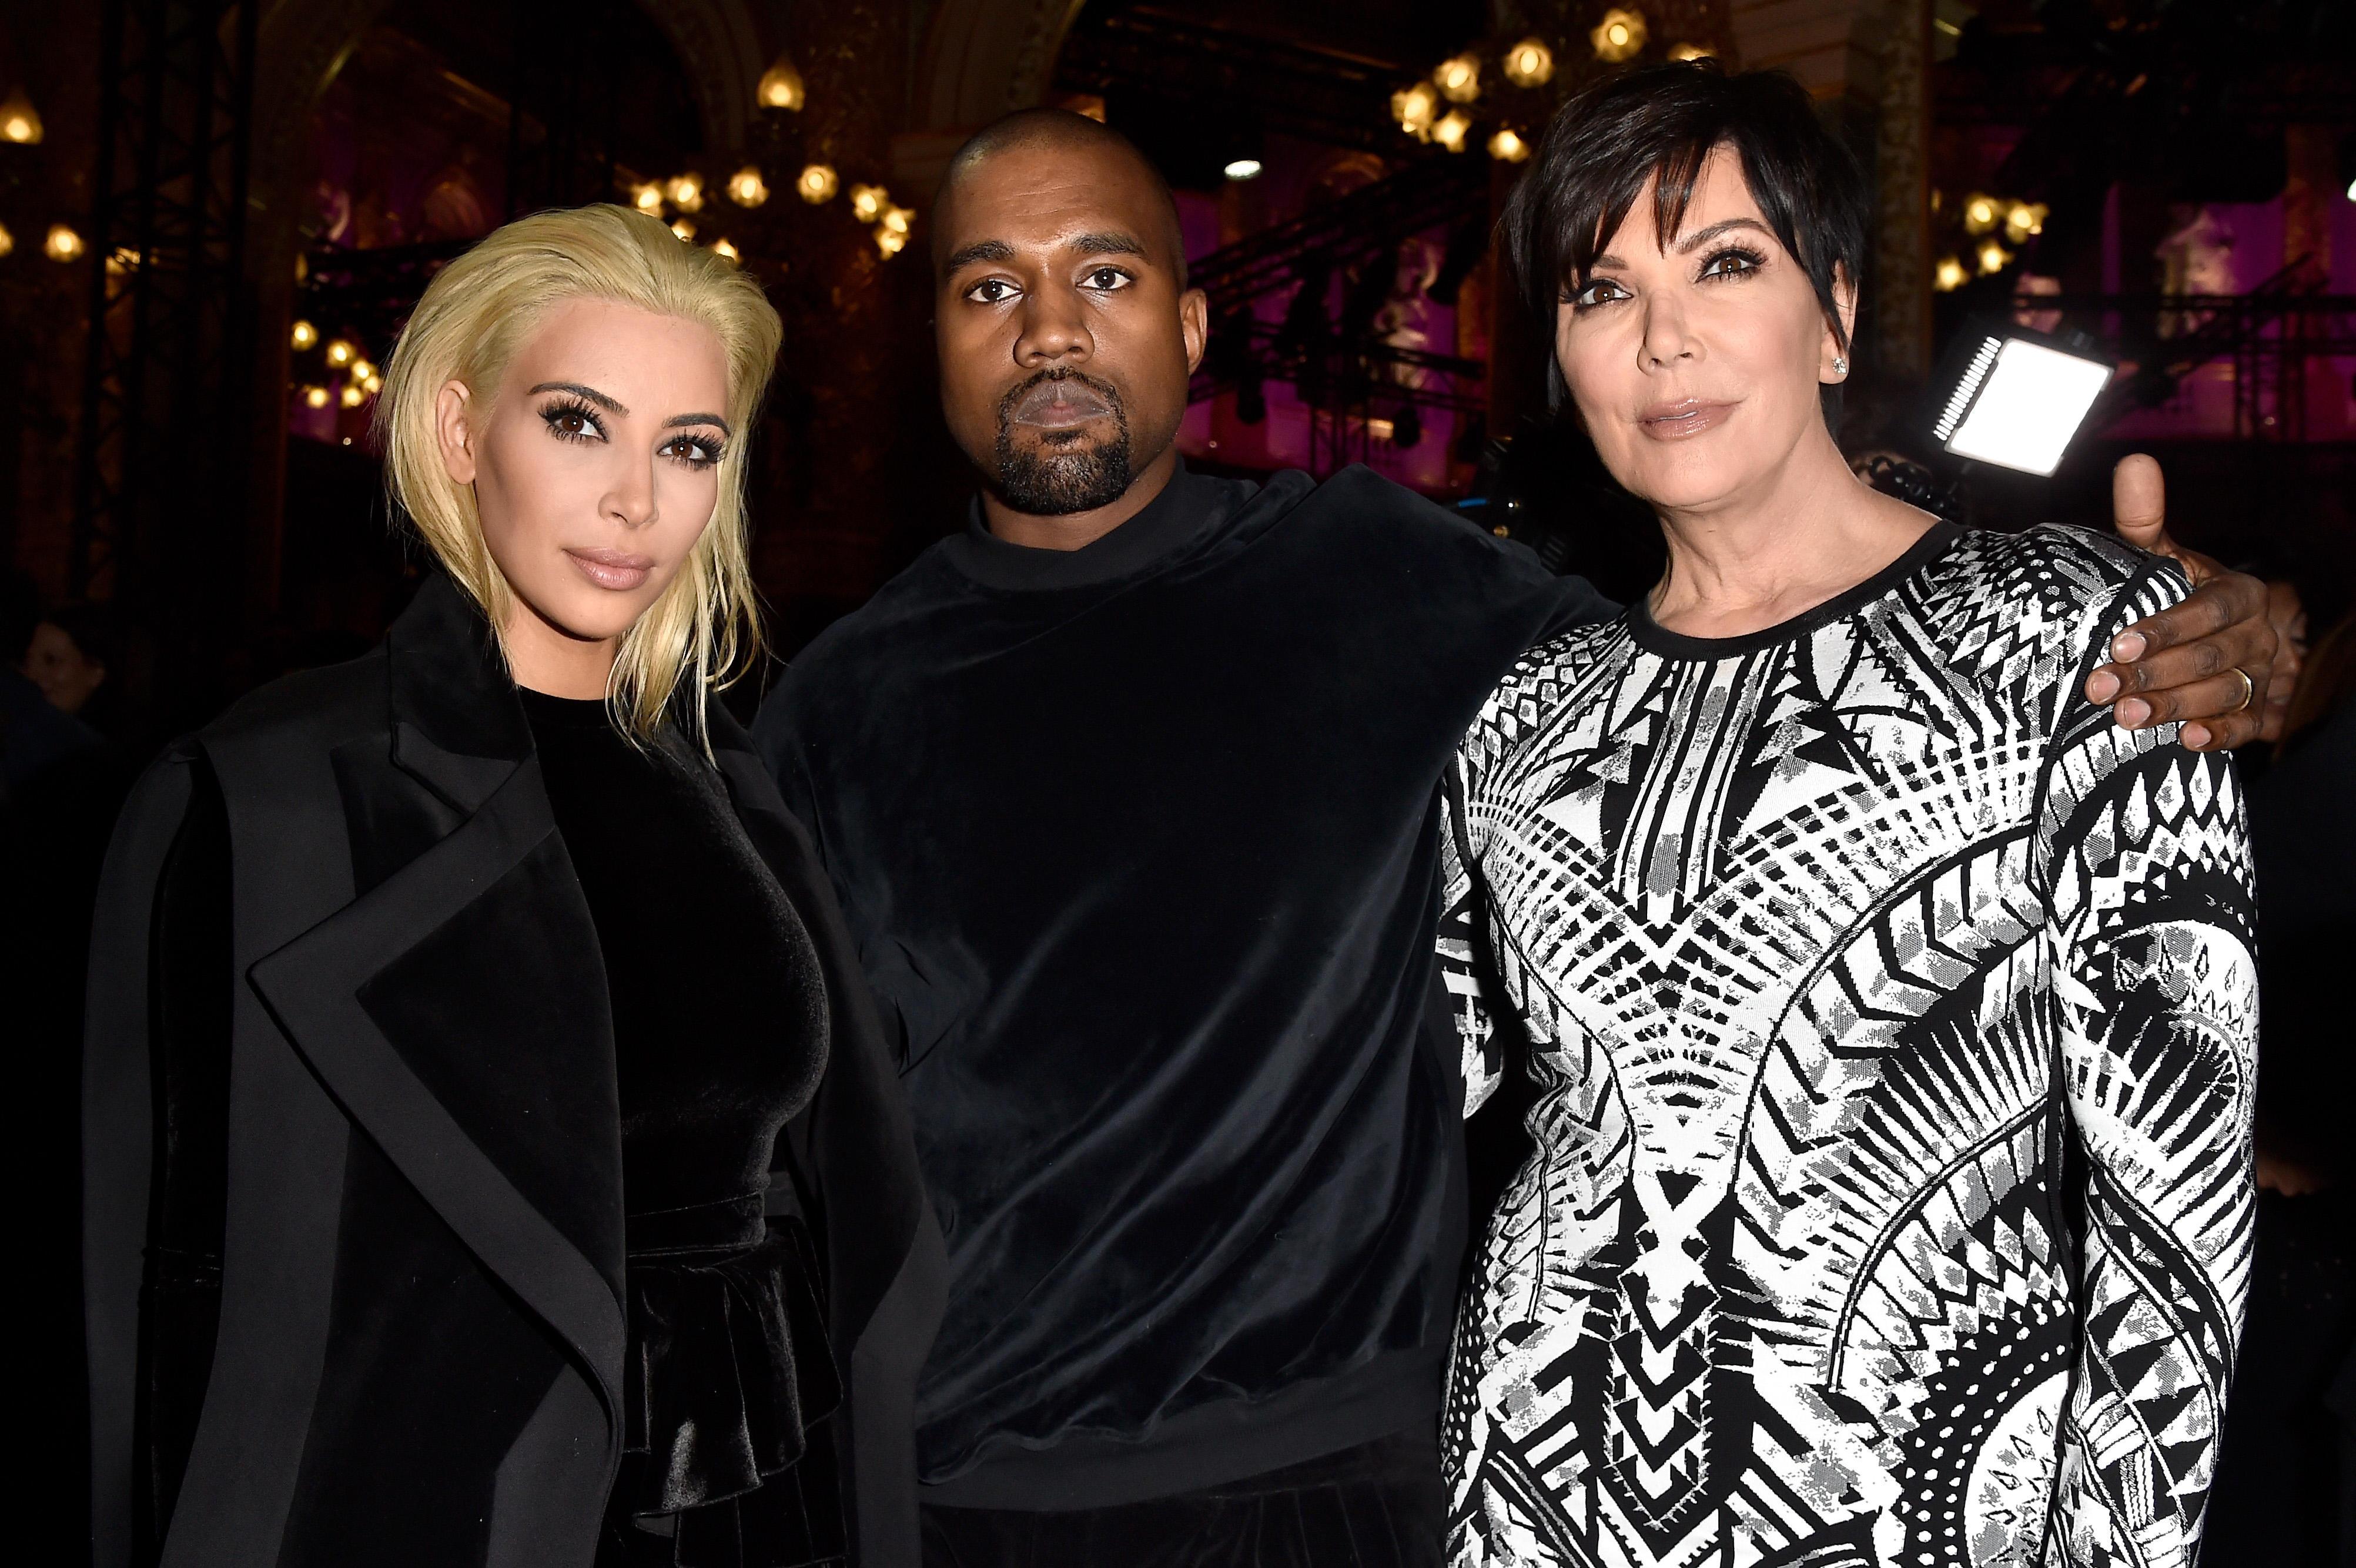 Kim Kardashian, Kris Jenner, and Kanye West attend Balmain show during Paris Fashion Week